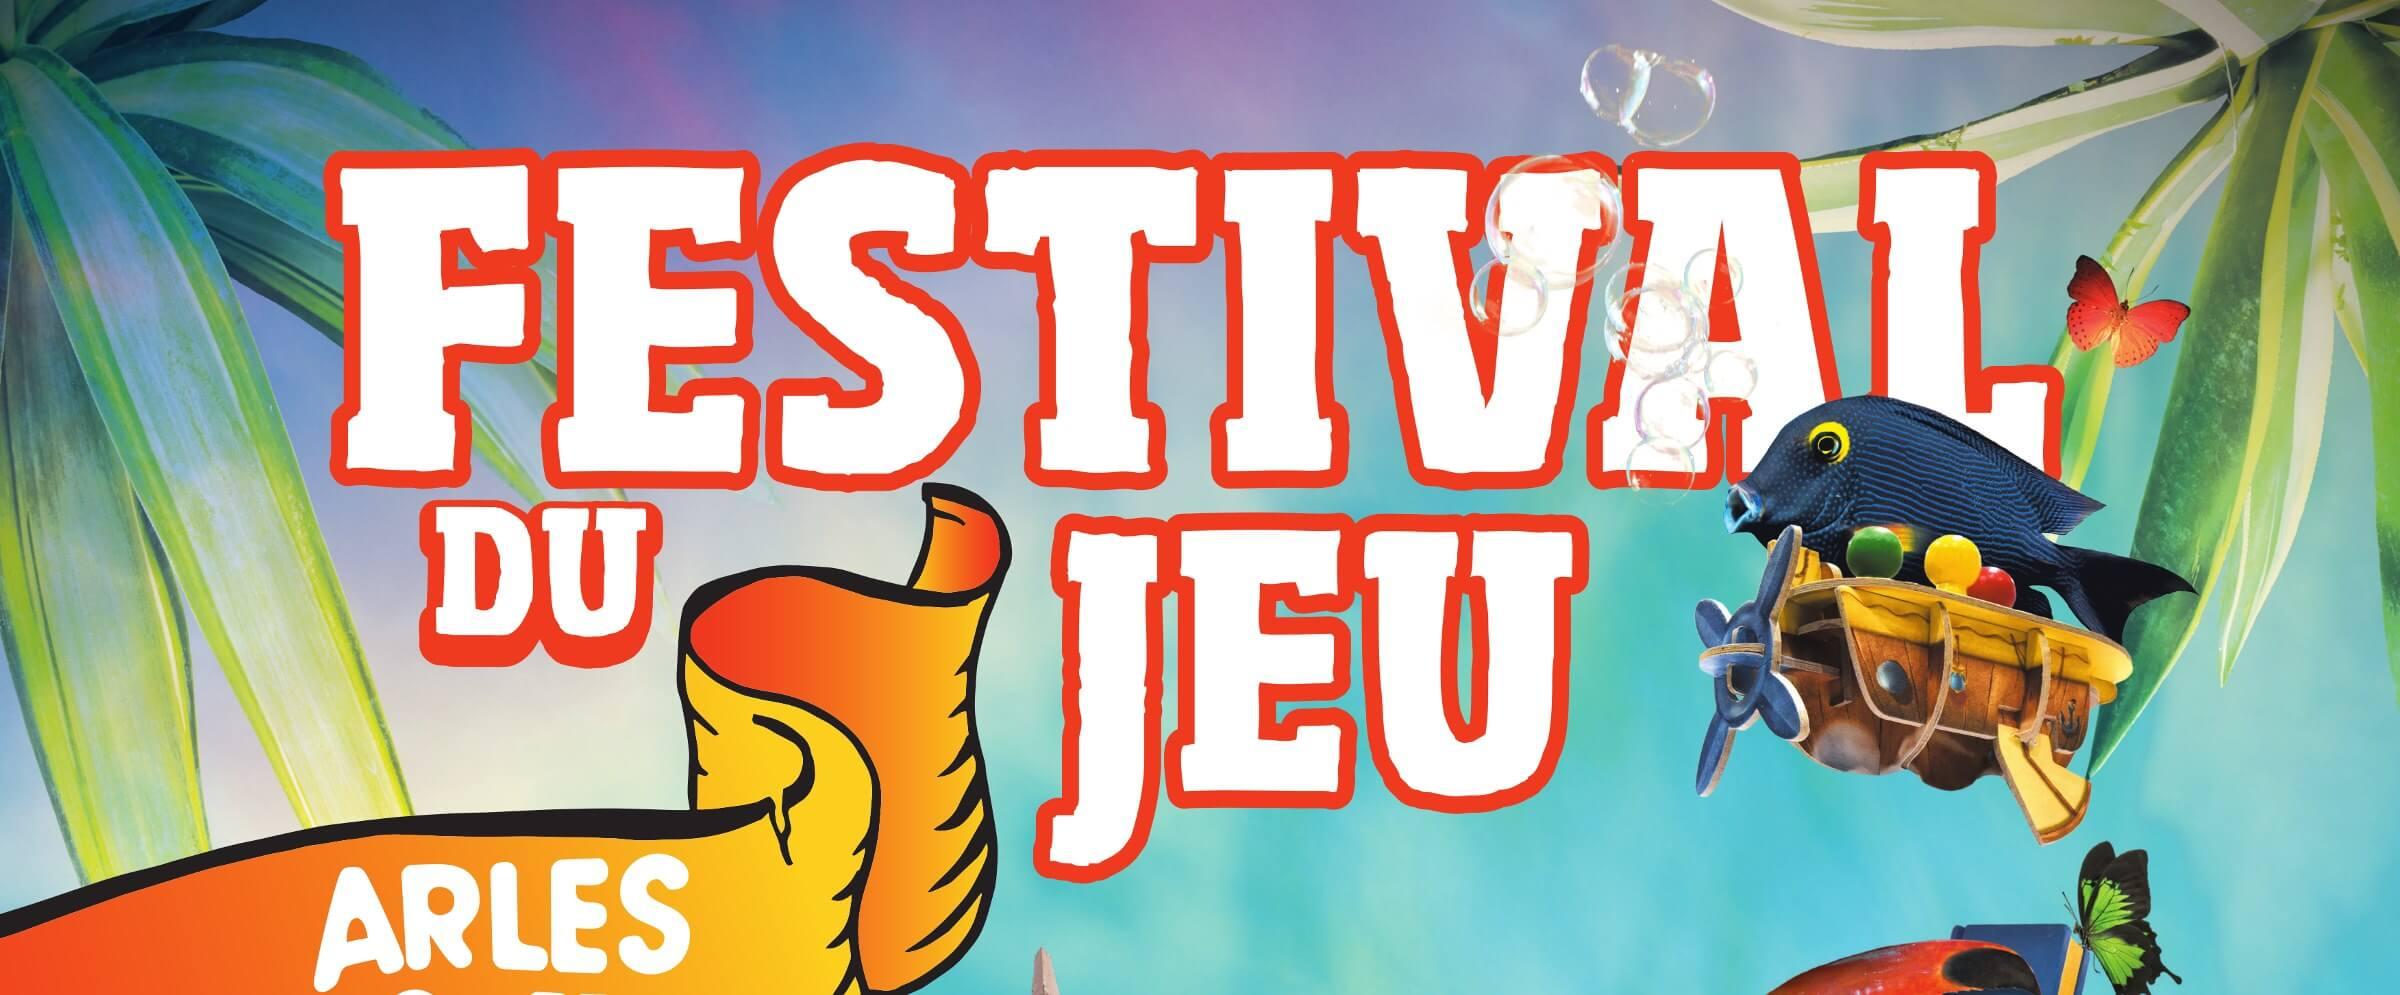 festival du heu à Arles